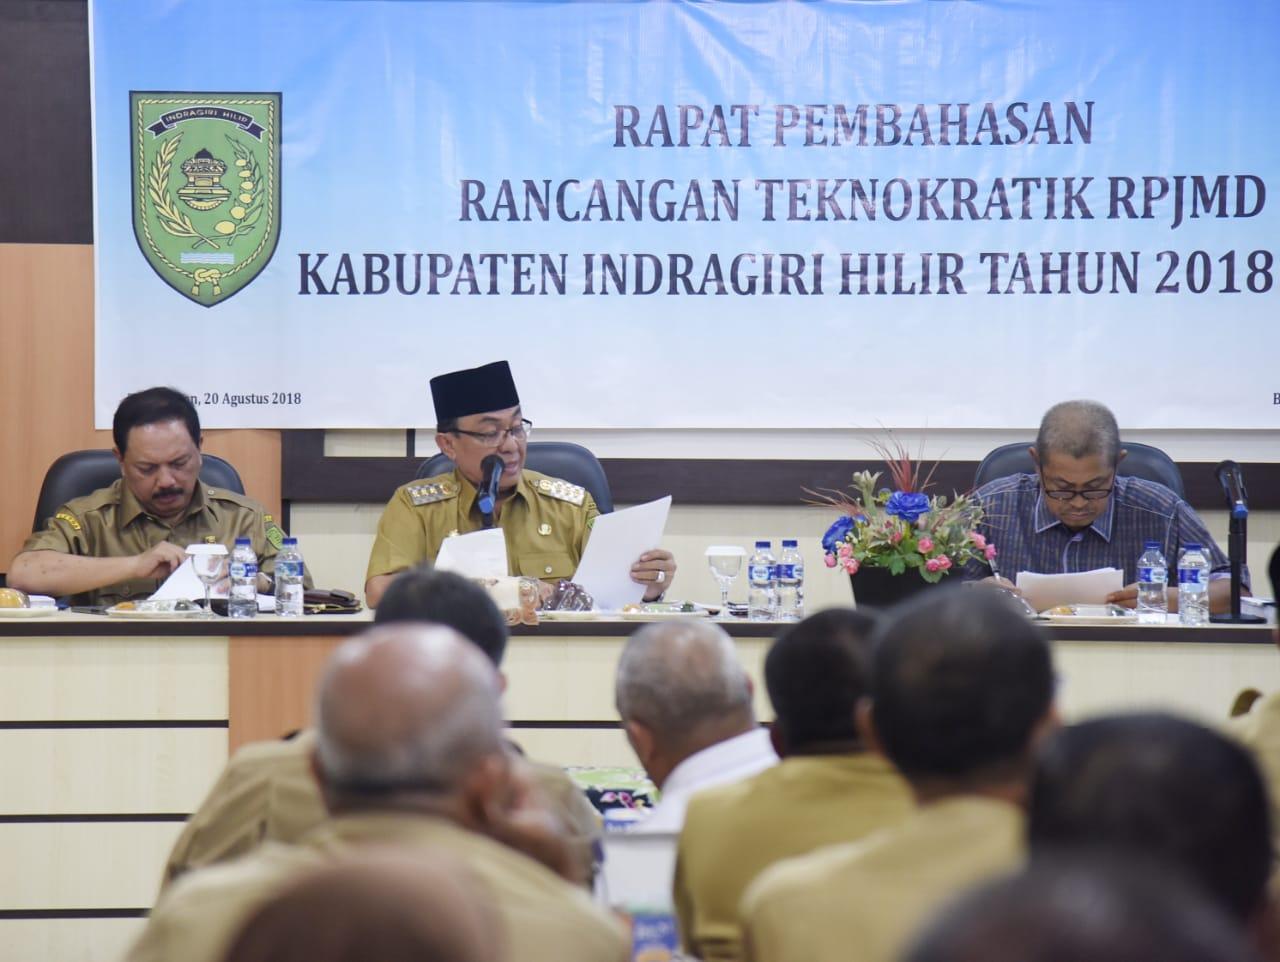 HM Wardan Pimpin Rapat Pembahasan Rancangan Teknokratik RPJMD Inhil 2018 - 2023